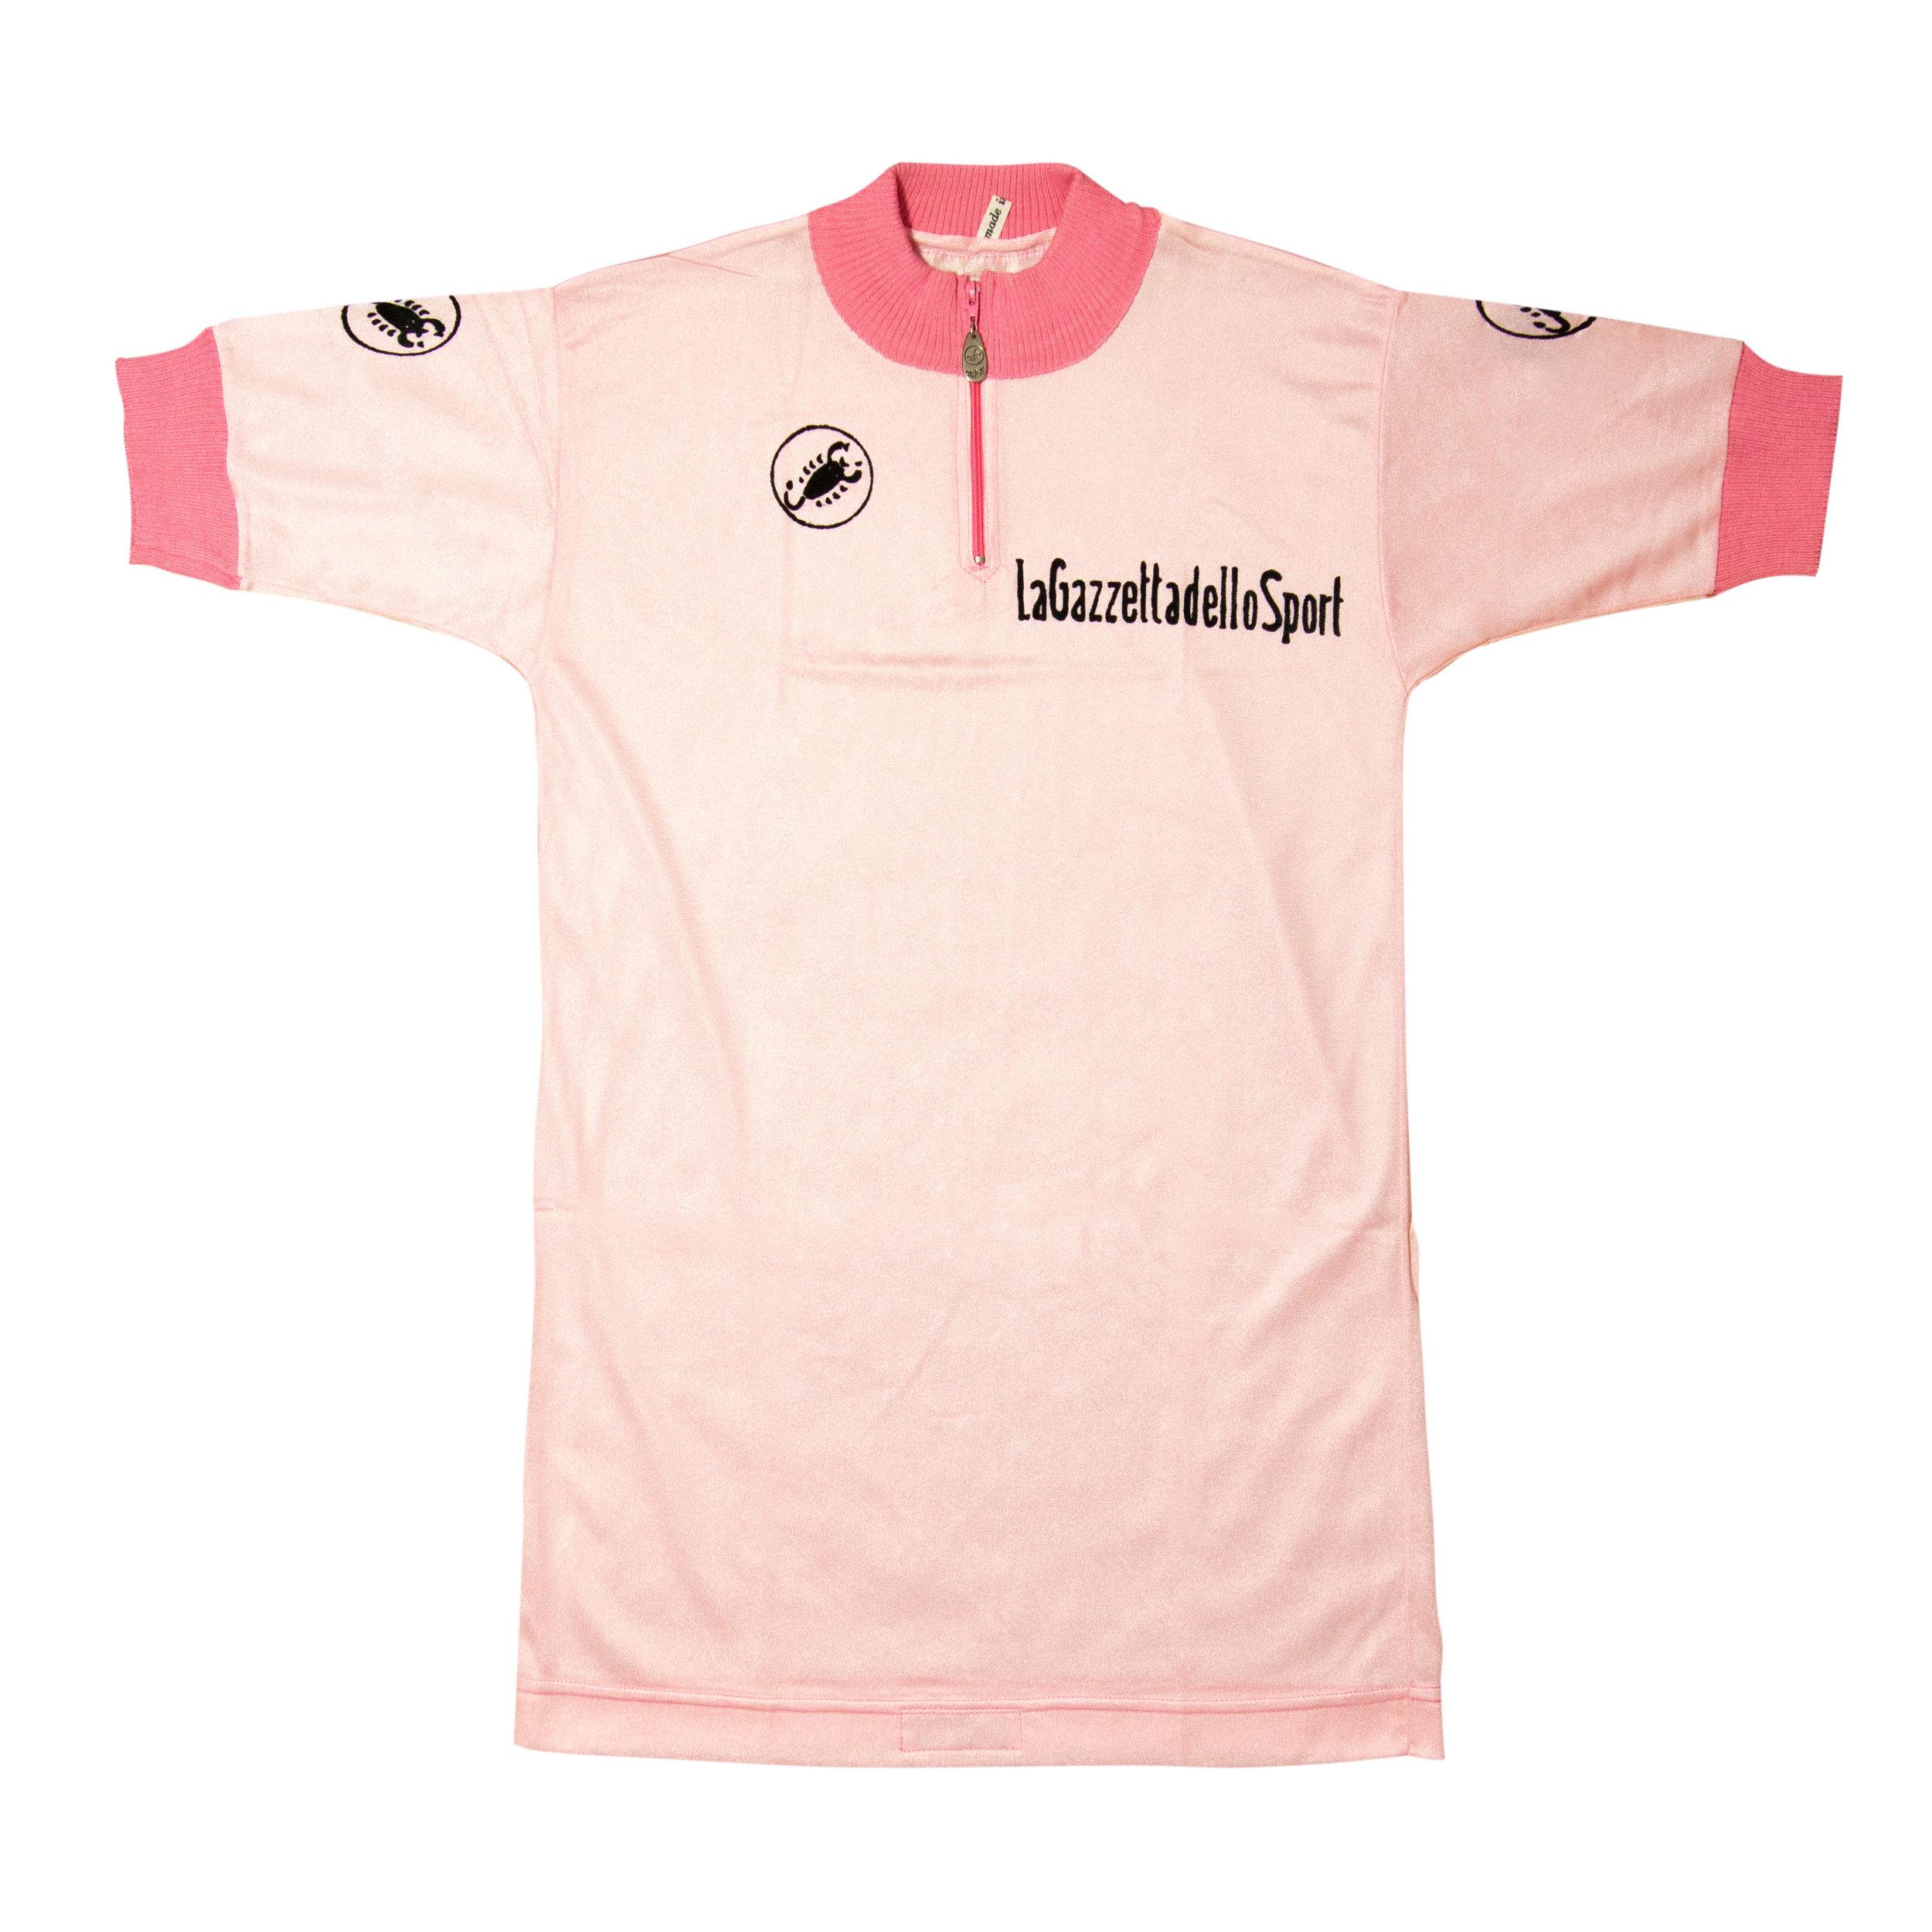 Giro-Maglia-Rosa-1983.jpg